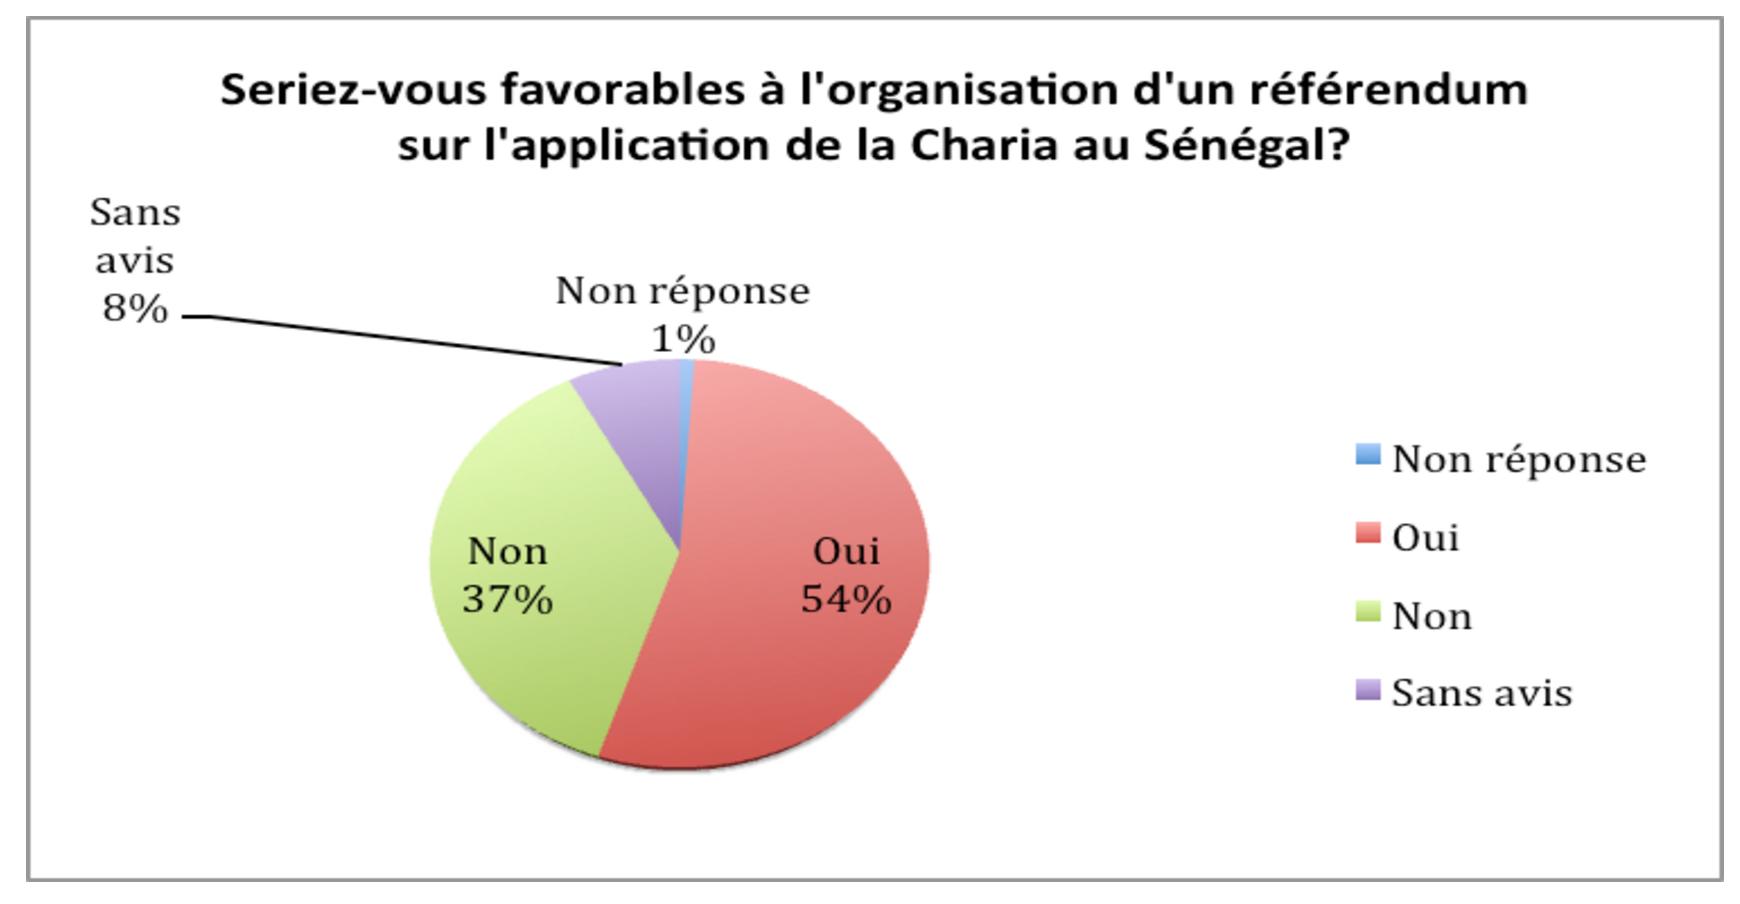 Etude radicalisme : Précisions de Timbuktu Institute sur les extrapolations et interprétations des chiffres avancés dans la presse